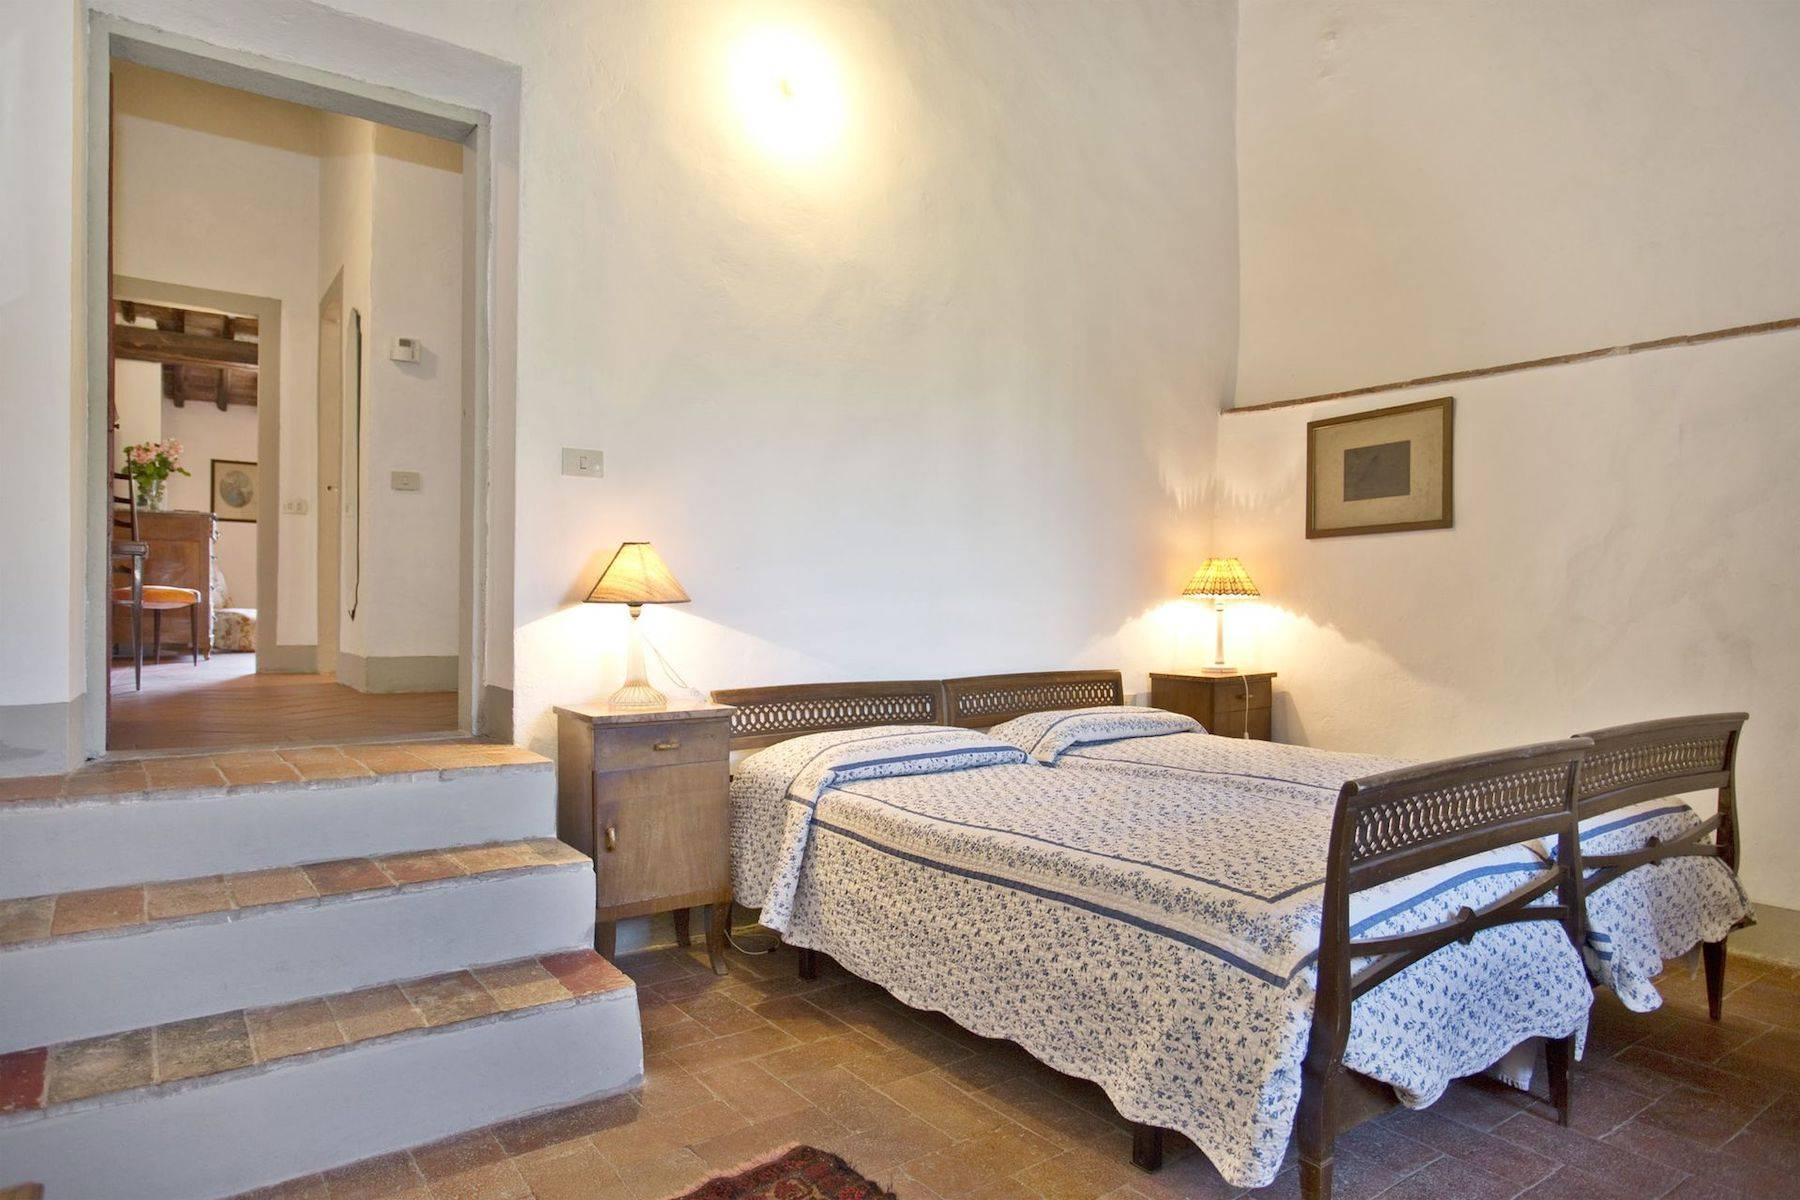 Villa in Vendita a Rignano Sull'Arno: 5 locali, 550 mq - Foto 20